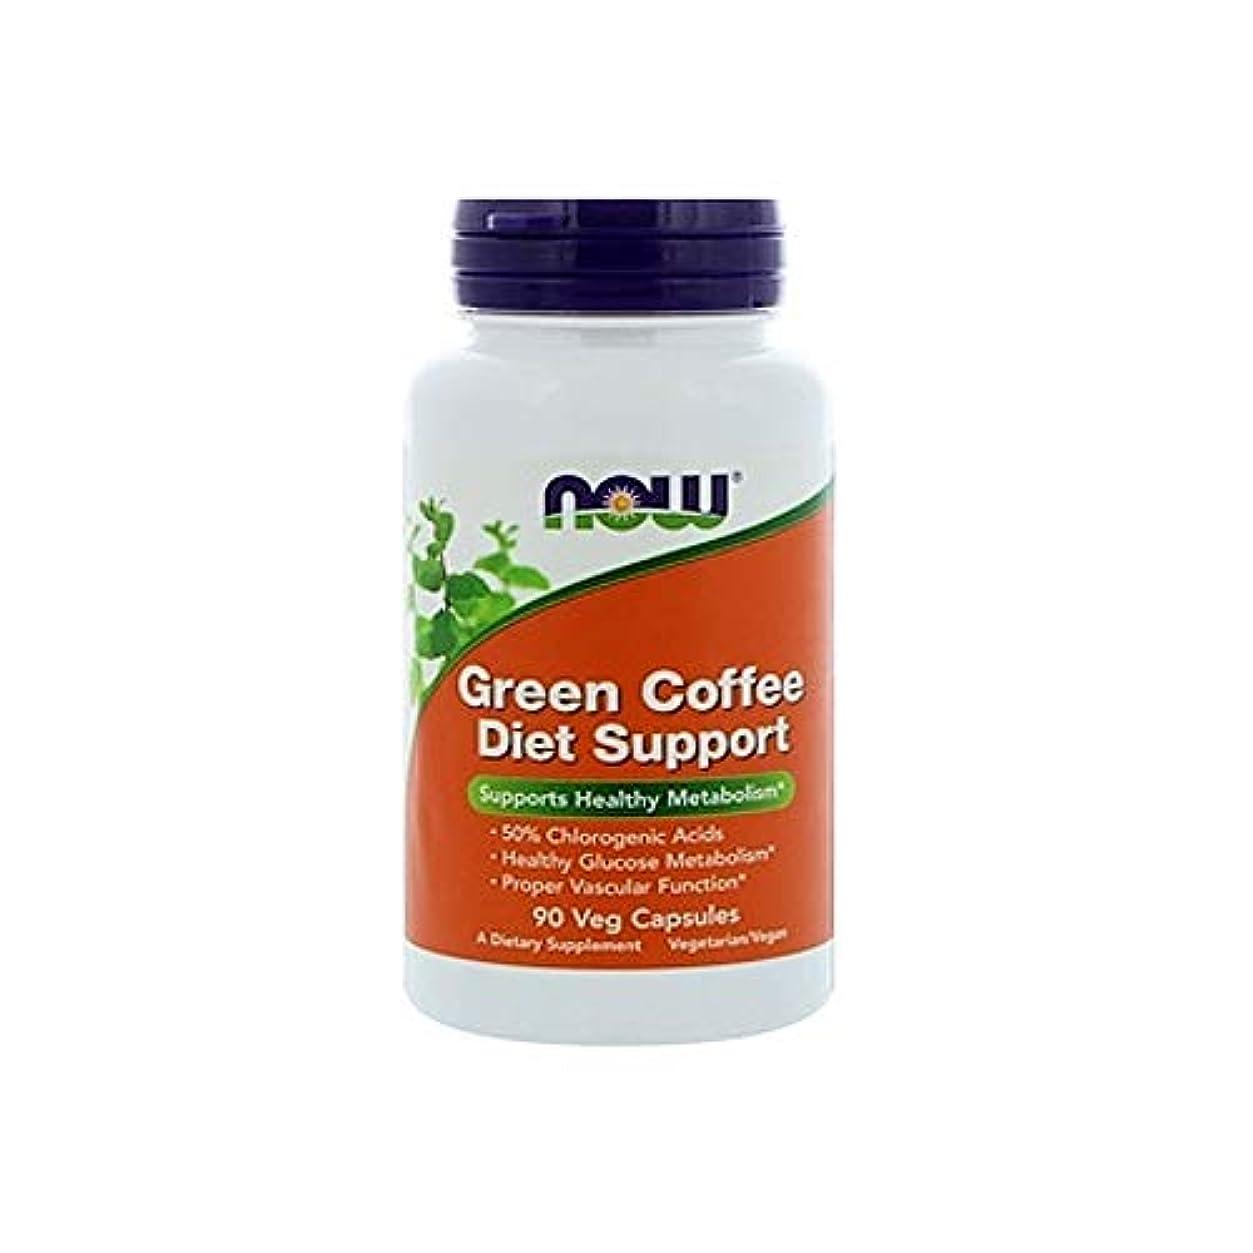 減る代替グリル[海外直送品] ナウフーズ グリーンコーヒー ダイエットサポート(クロロゲン酸含有) 90粒